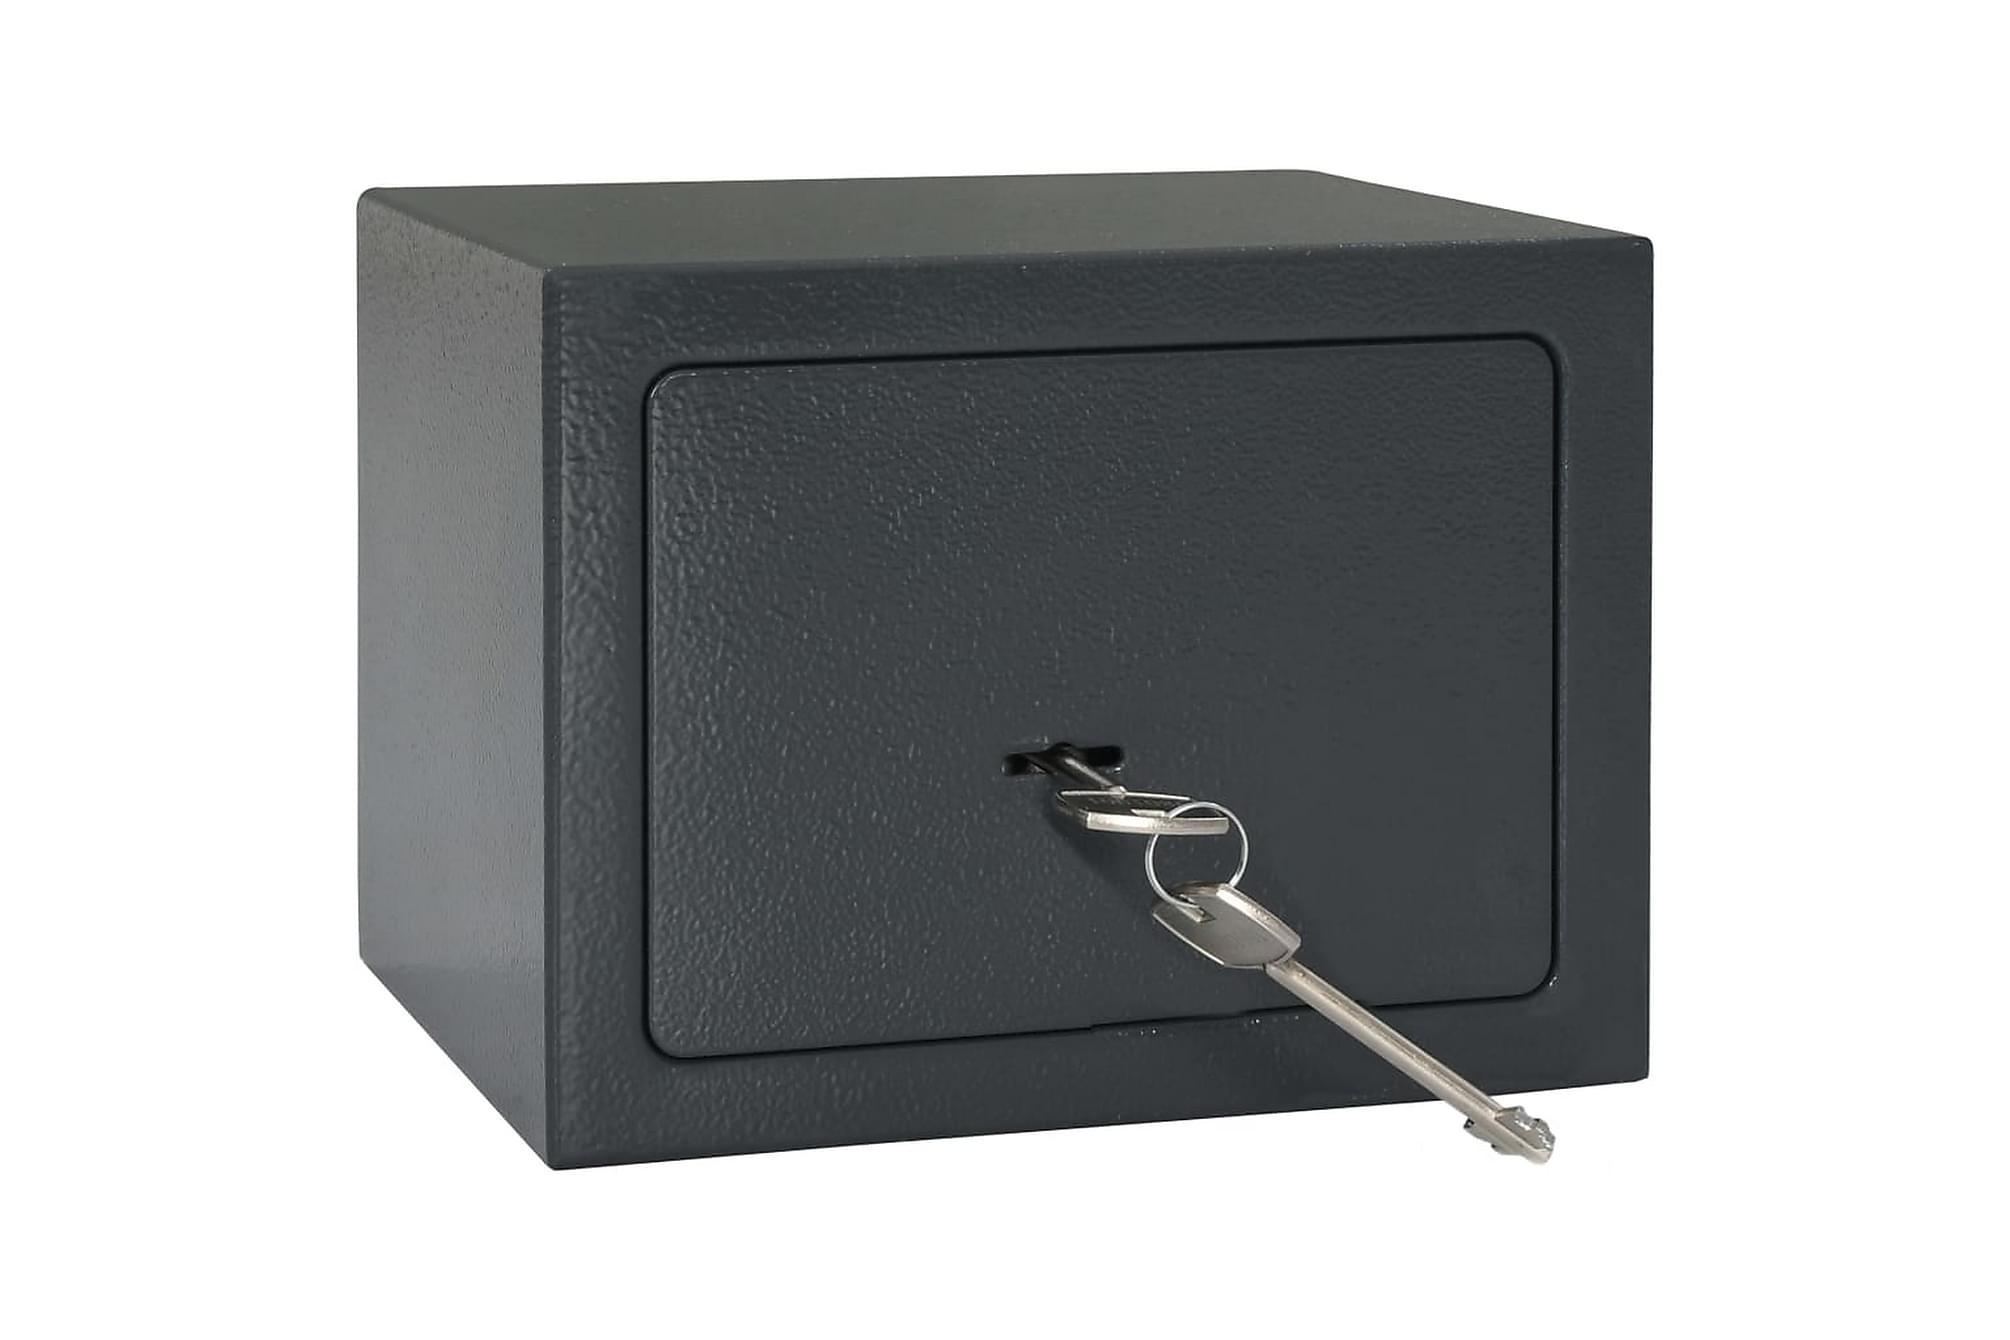 Mekaniskt kassaskåp mörkgrå 23x17x17 cm stål